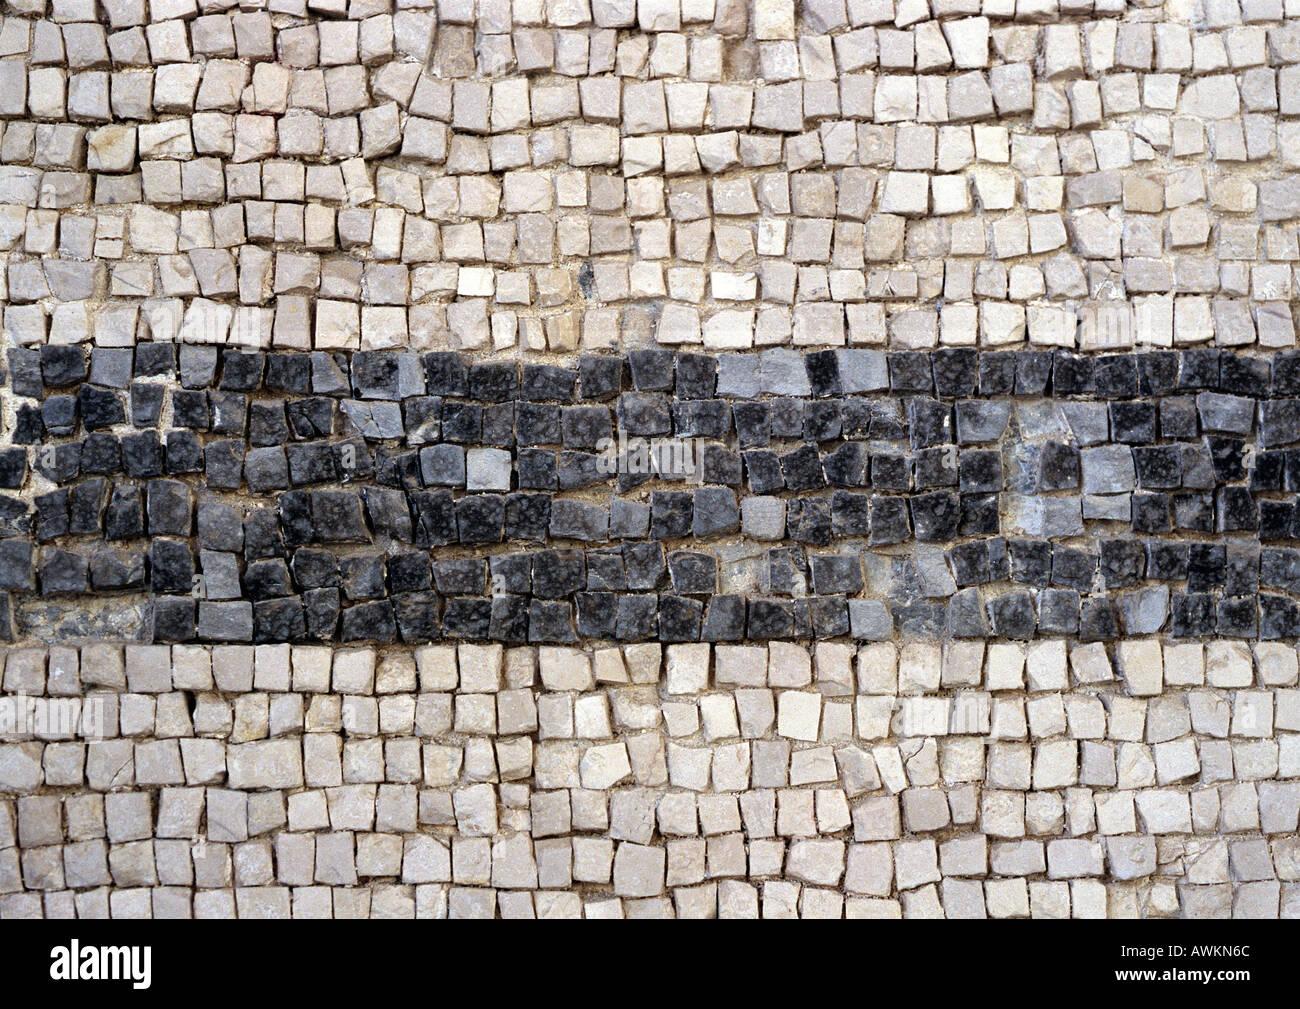 Tessere per mosaico foto & immagine stock: 5421419 alamy